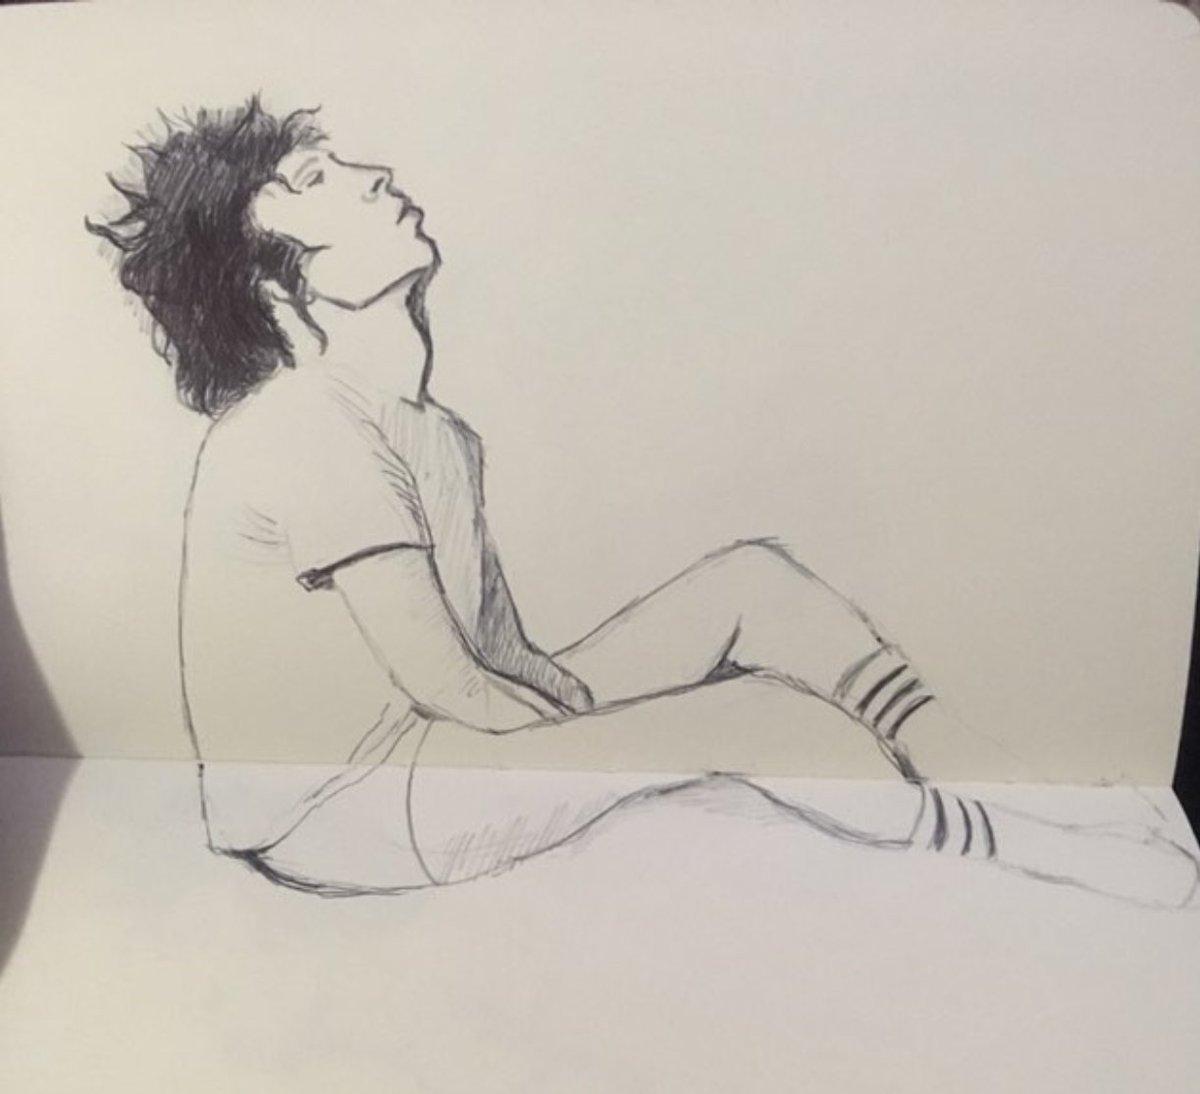 amazing sketch by @t_witter_handle for fan art friday https://t.co/1PLGjnn39b